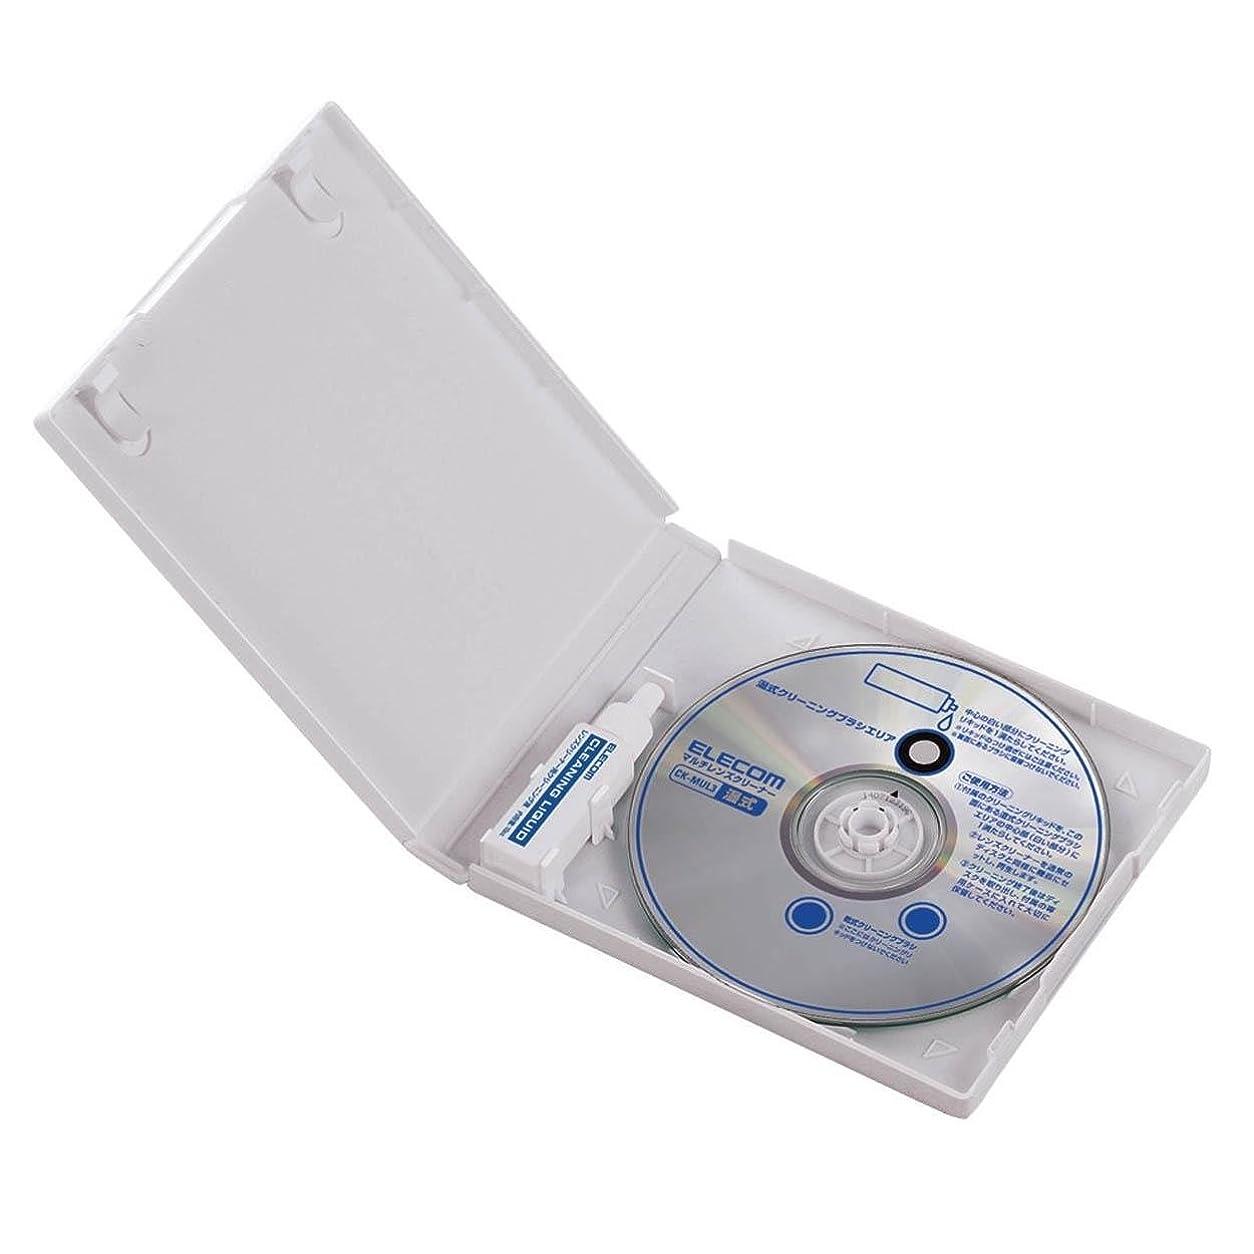 質量予測文献Teenitor 導電性アルミテープ 幅20mm×長さ20m×厚さ0.1mm アルミ箔テープ 導電 厚手アルミテープ 静電気除去 アルミテープチューン 金属テープ 耐熱 強粘着